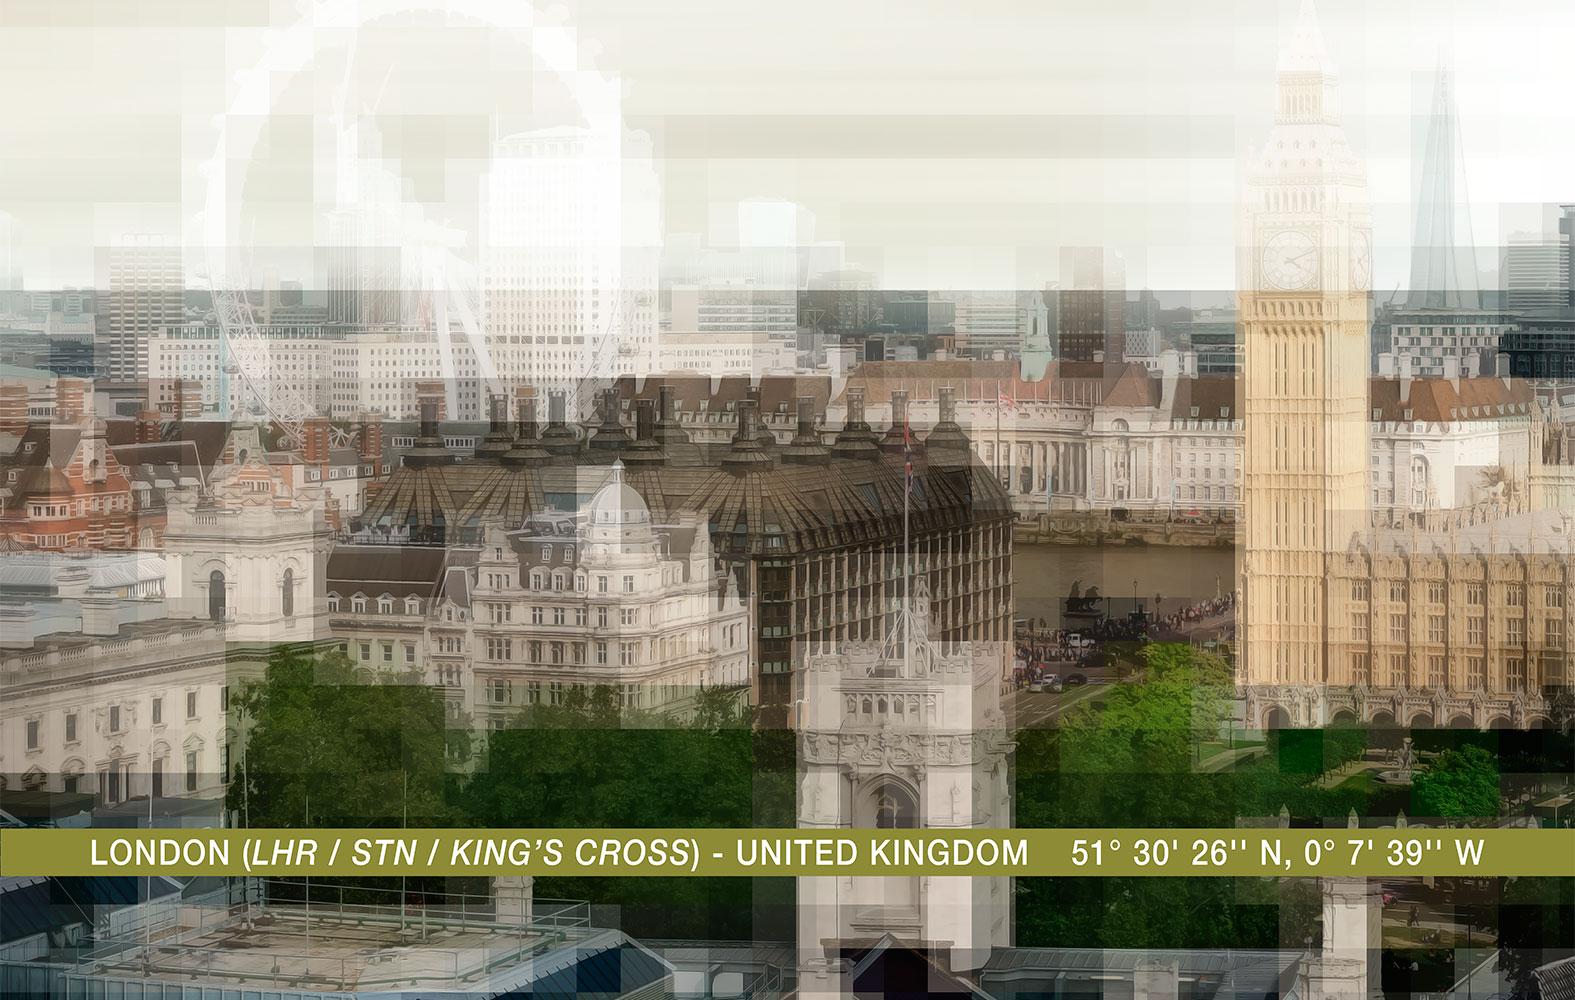 StudioErnst-HMShost-cityscapes-london